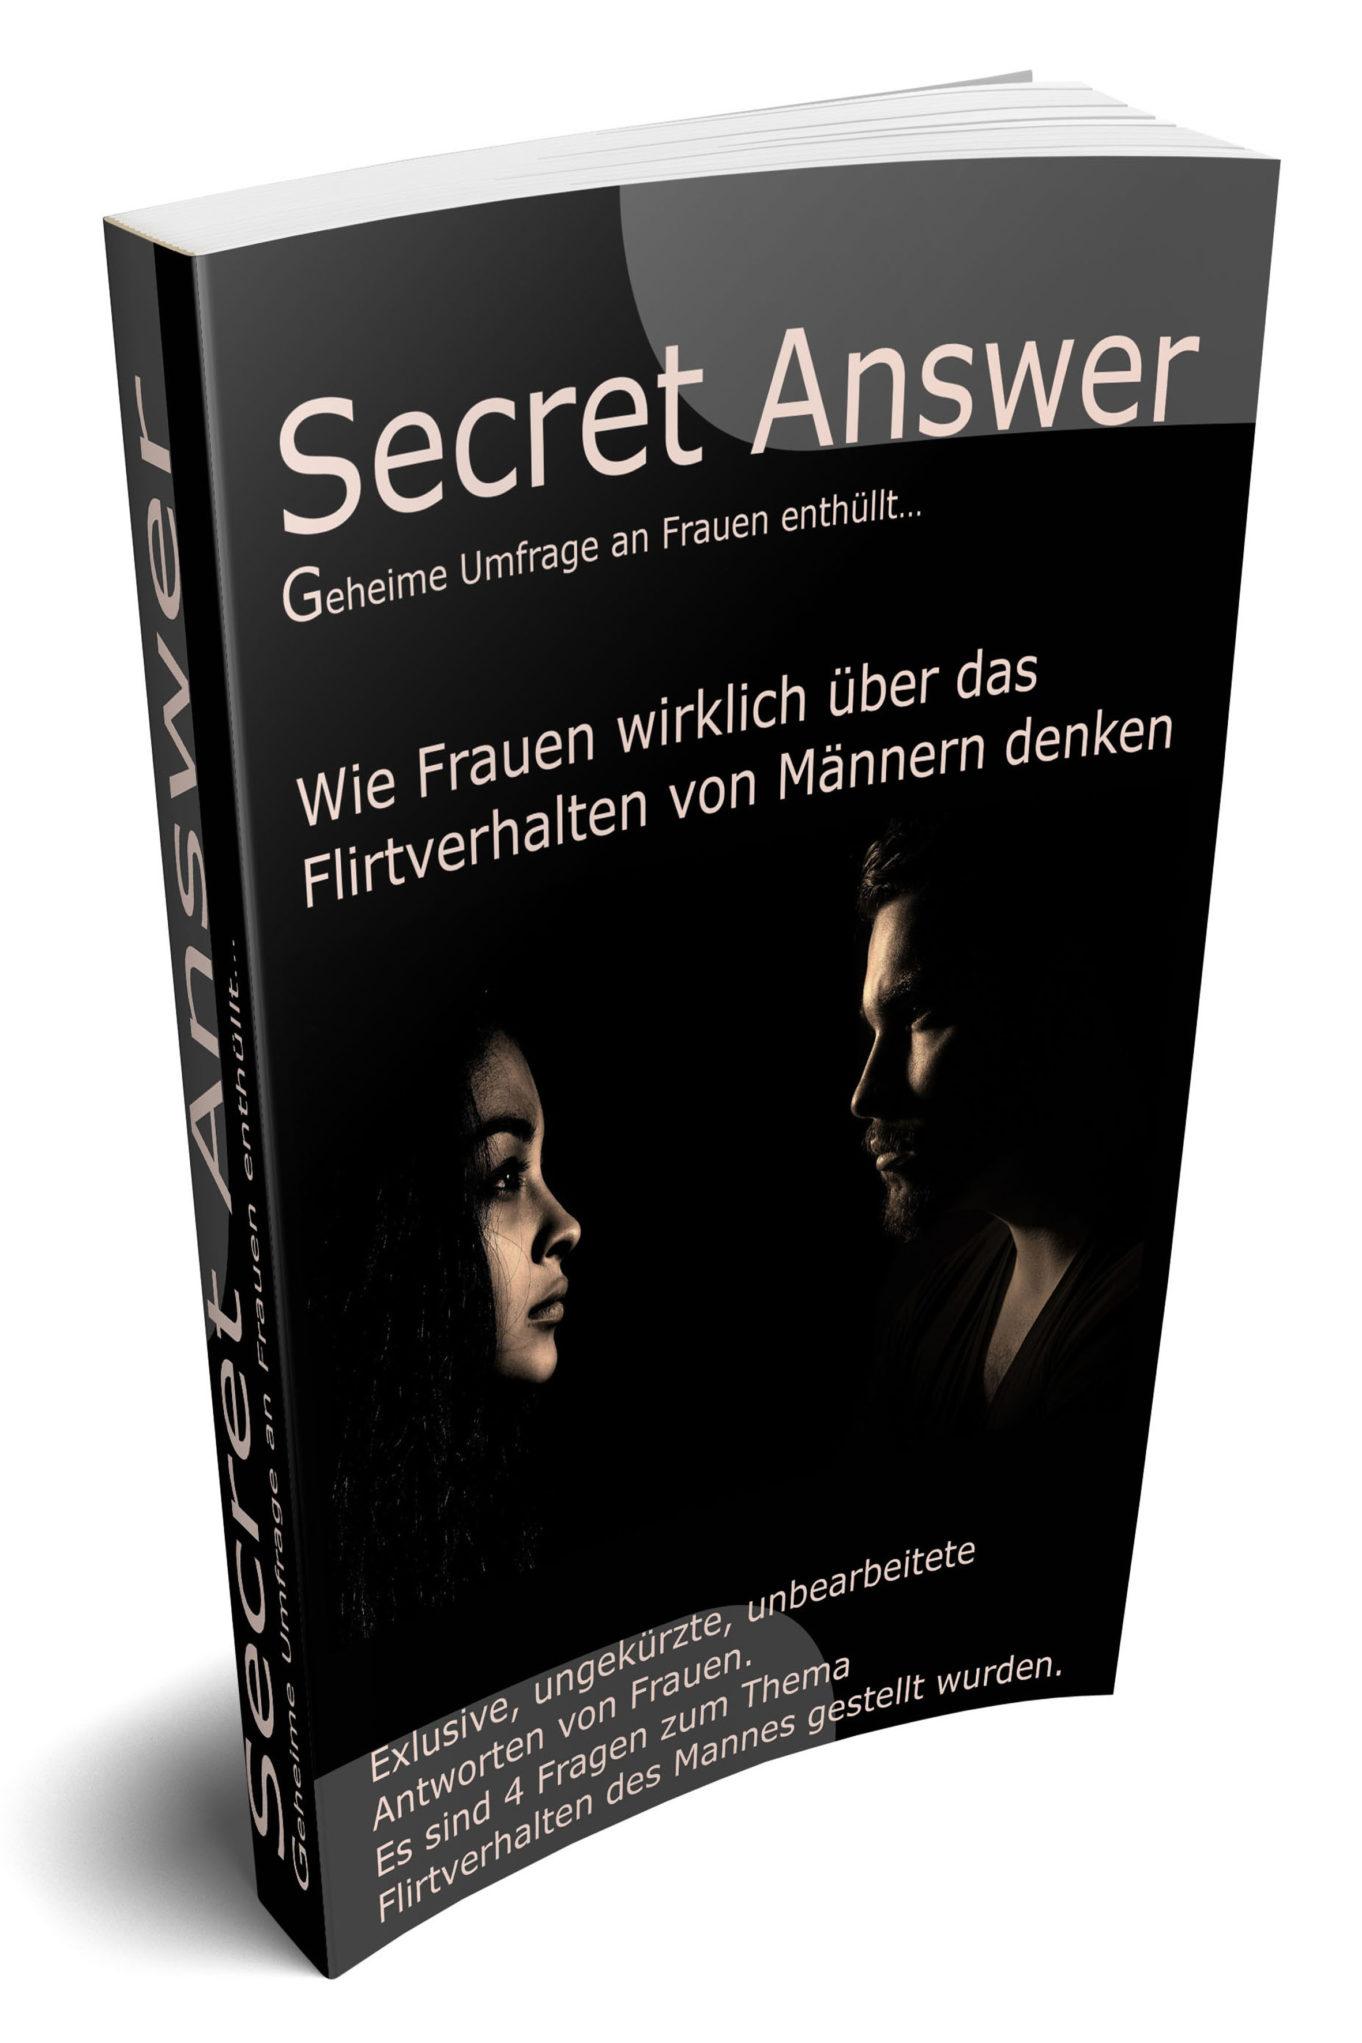 https://flirten-erfolgreich.de/wp-content/uploads/2018/08/Tripwire-Frauenaussagen-3D-1-e1543083844561.jpg